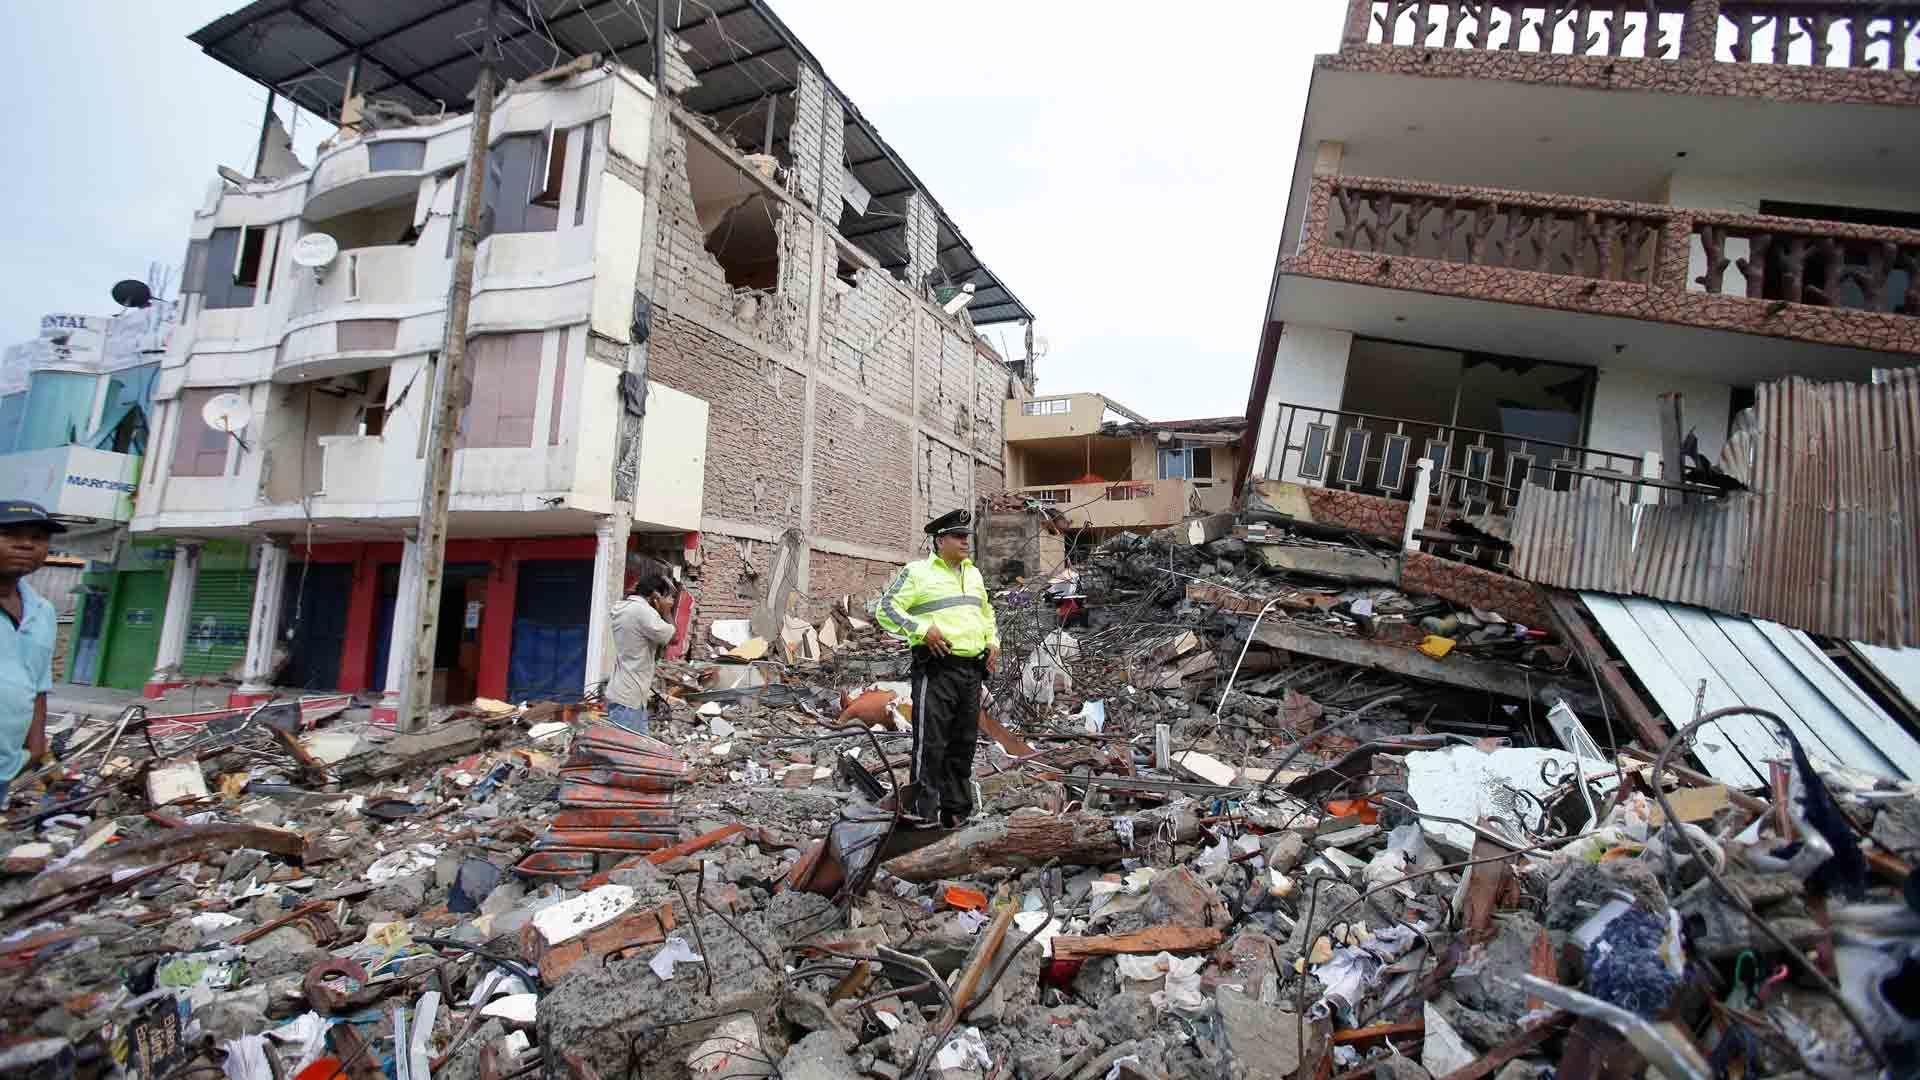 Terremoto Ecuador 0 Jpg 1920 1080 Ecuador Earthquake Quito